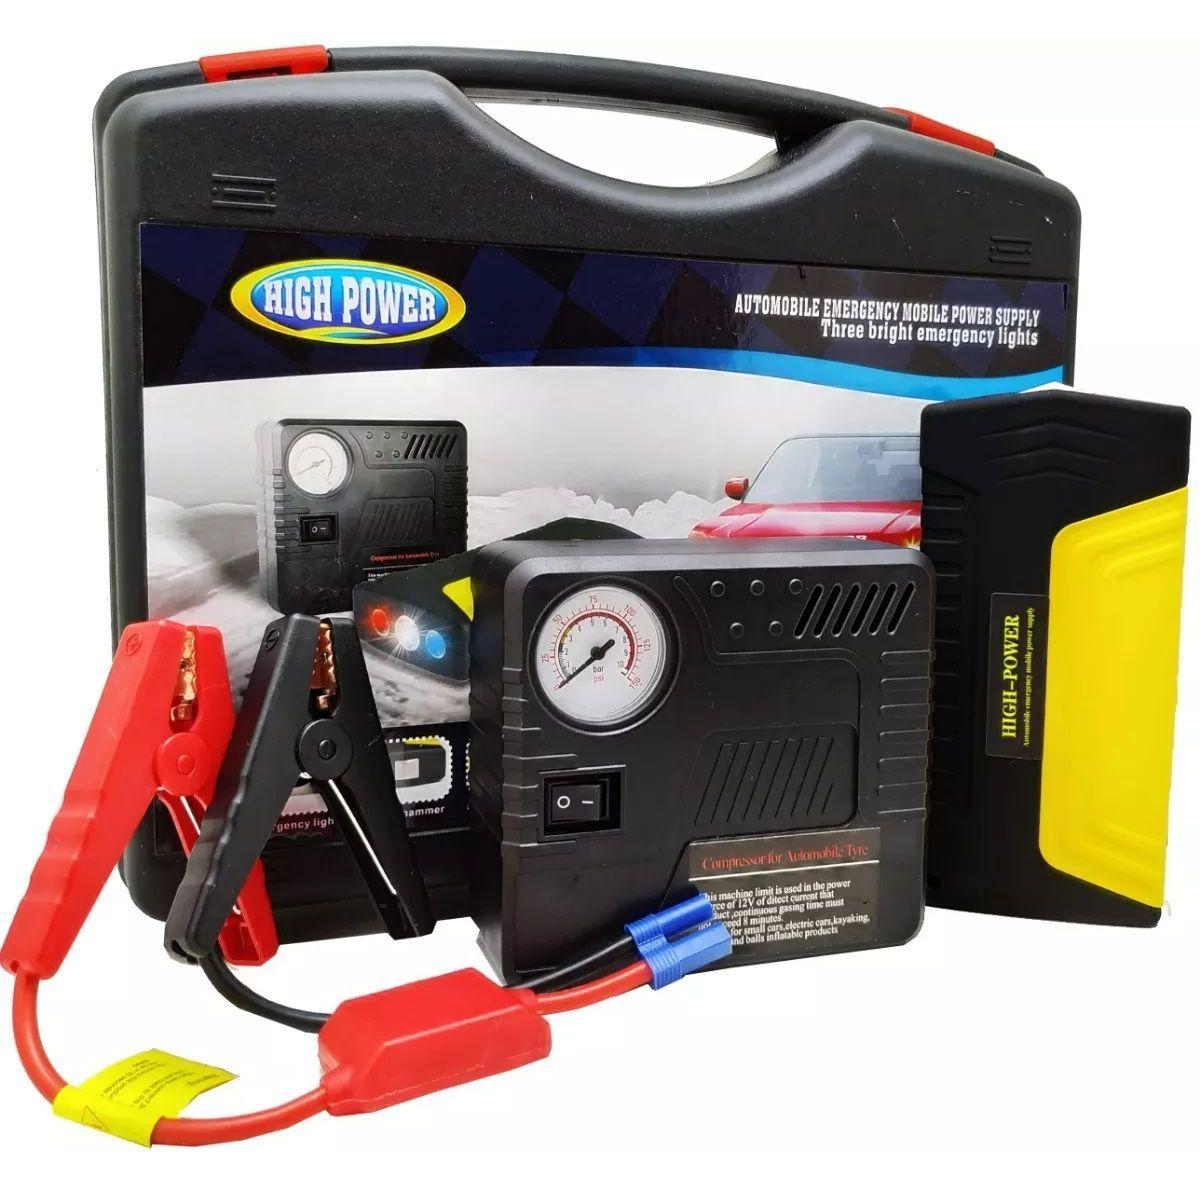 Auxiliar de Partida Bateria de Emergência PowerBank Portátil - AUXP